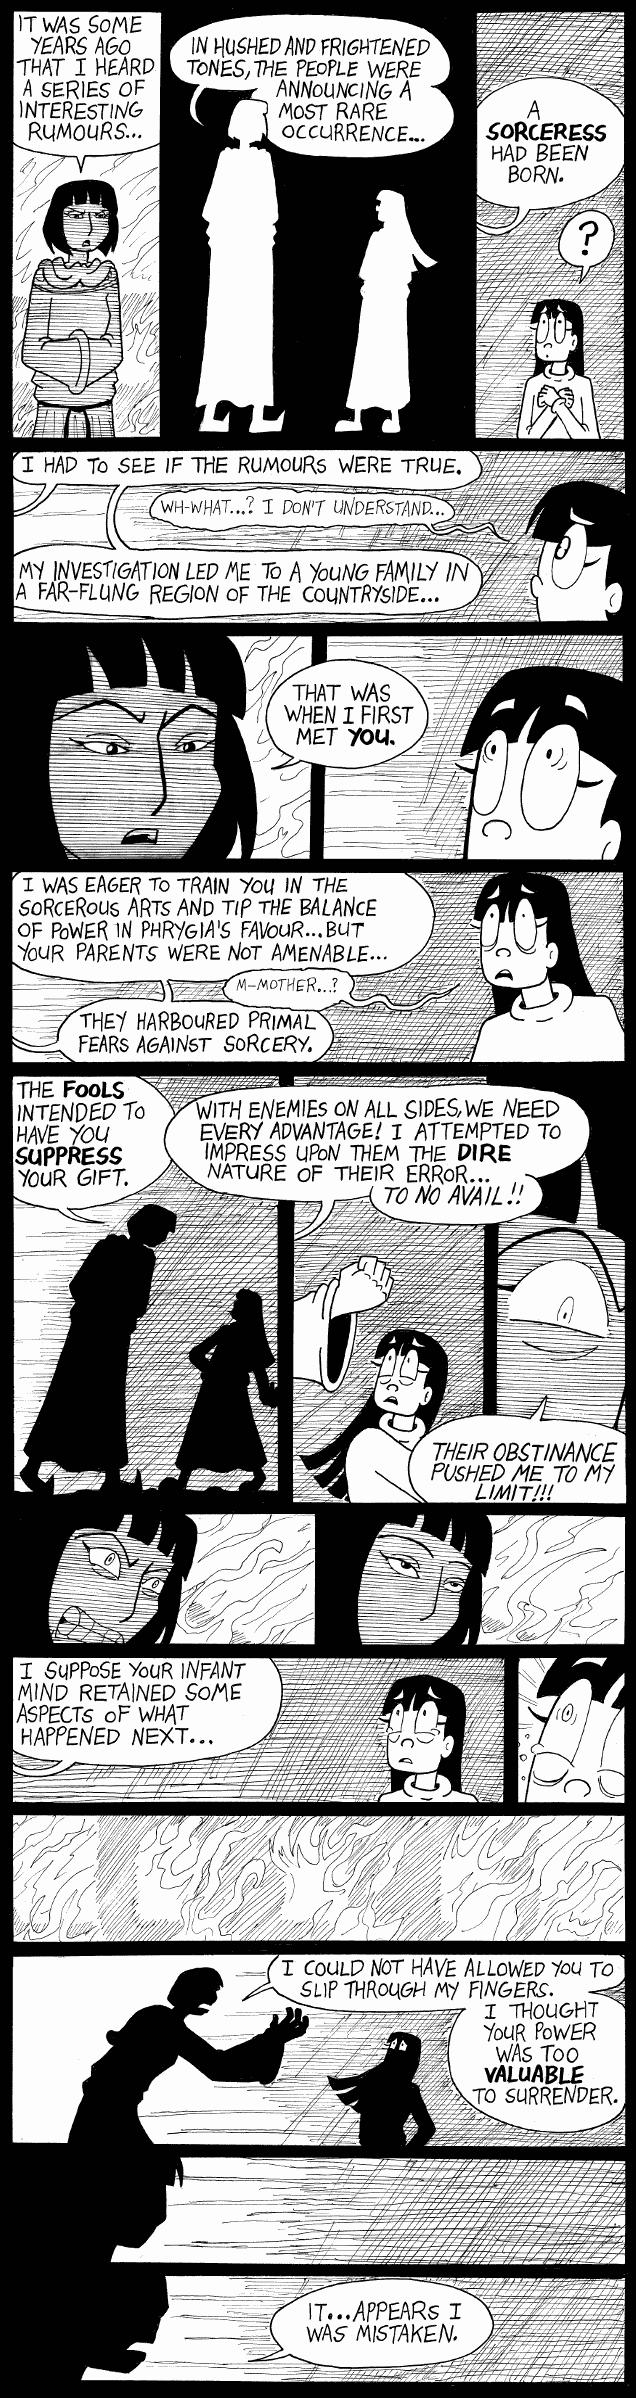 (#74) A Mistake